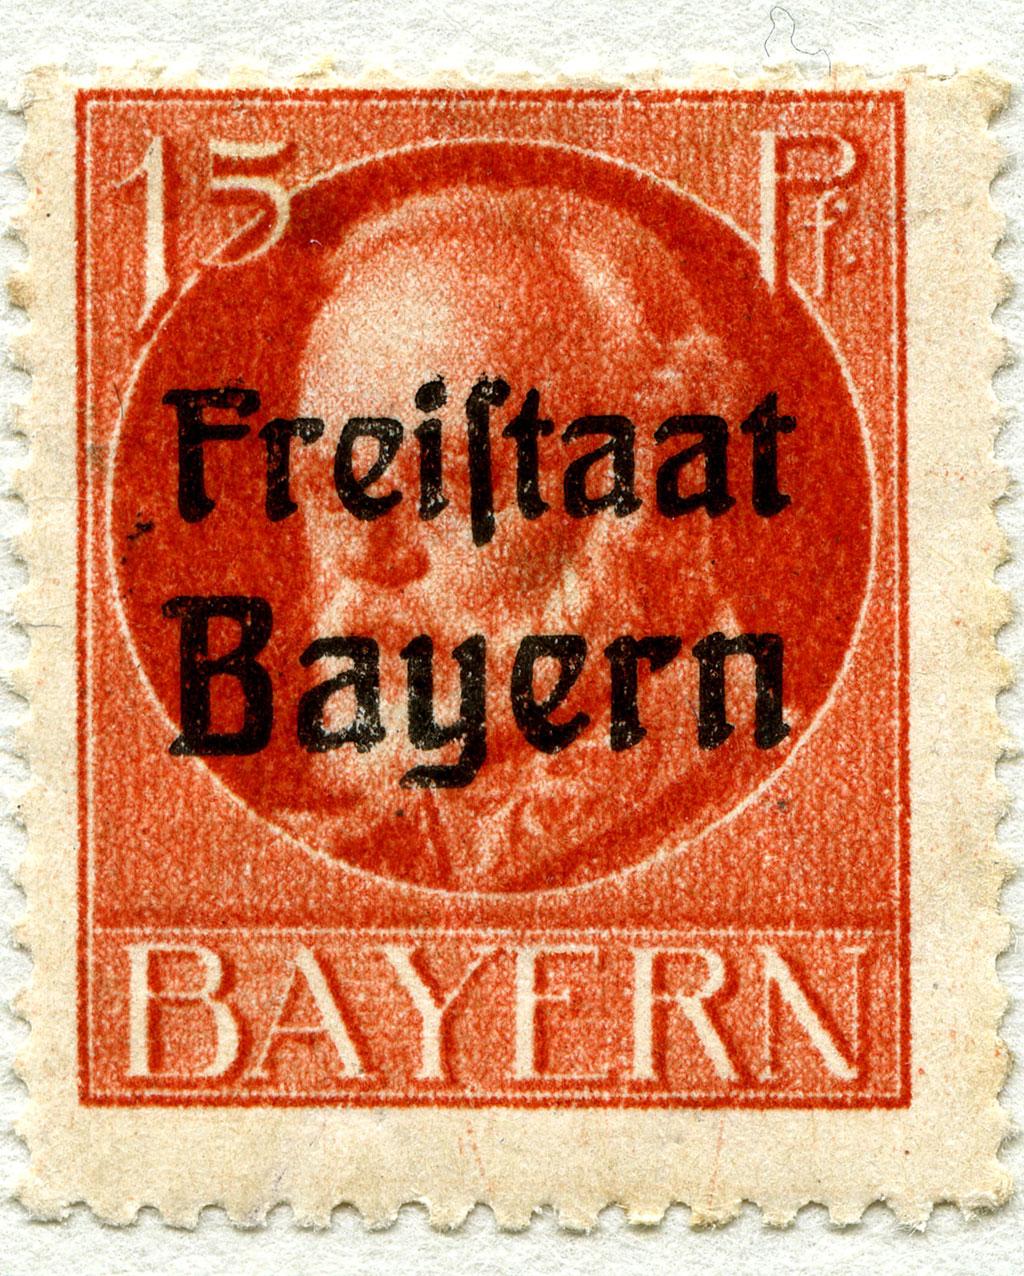 Überstempelte Briefmarke mit dem Bild Ludwigs III.